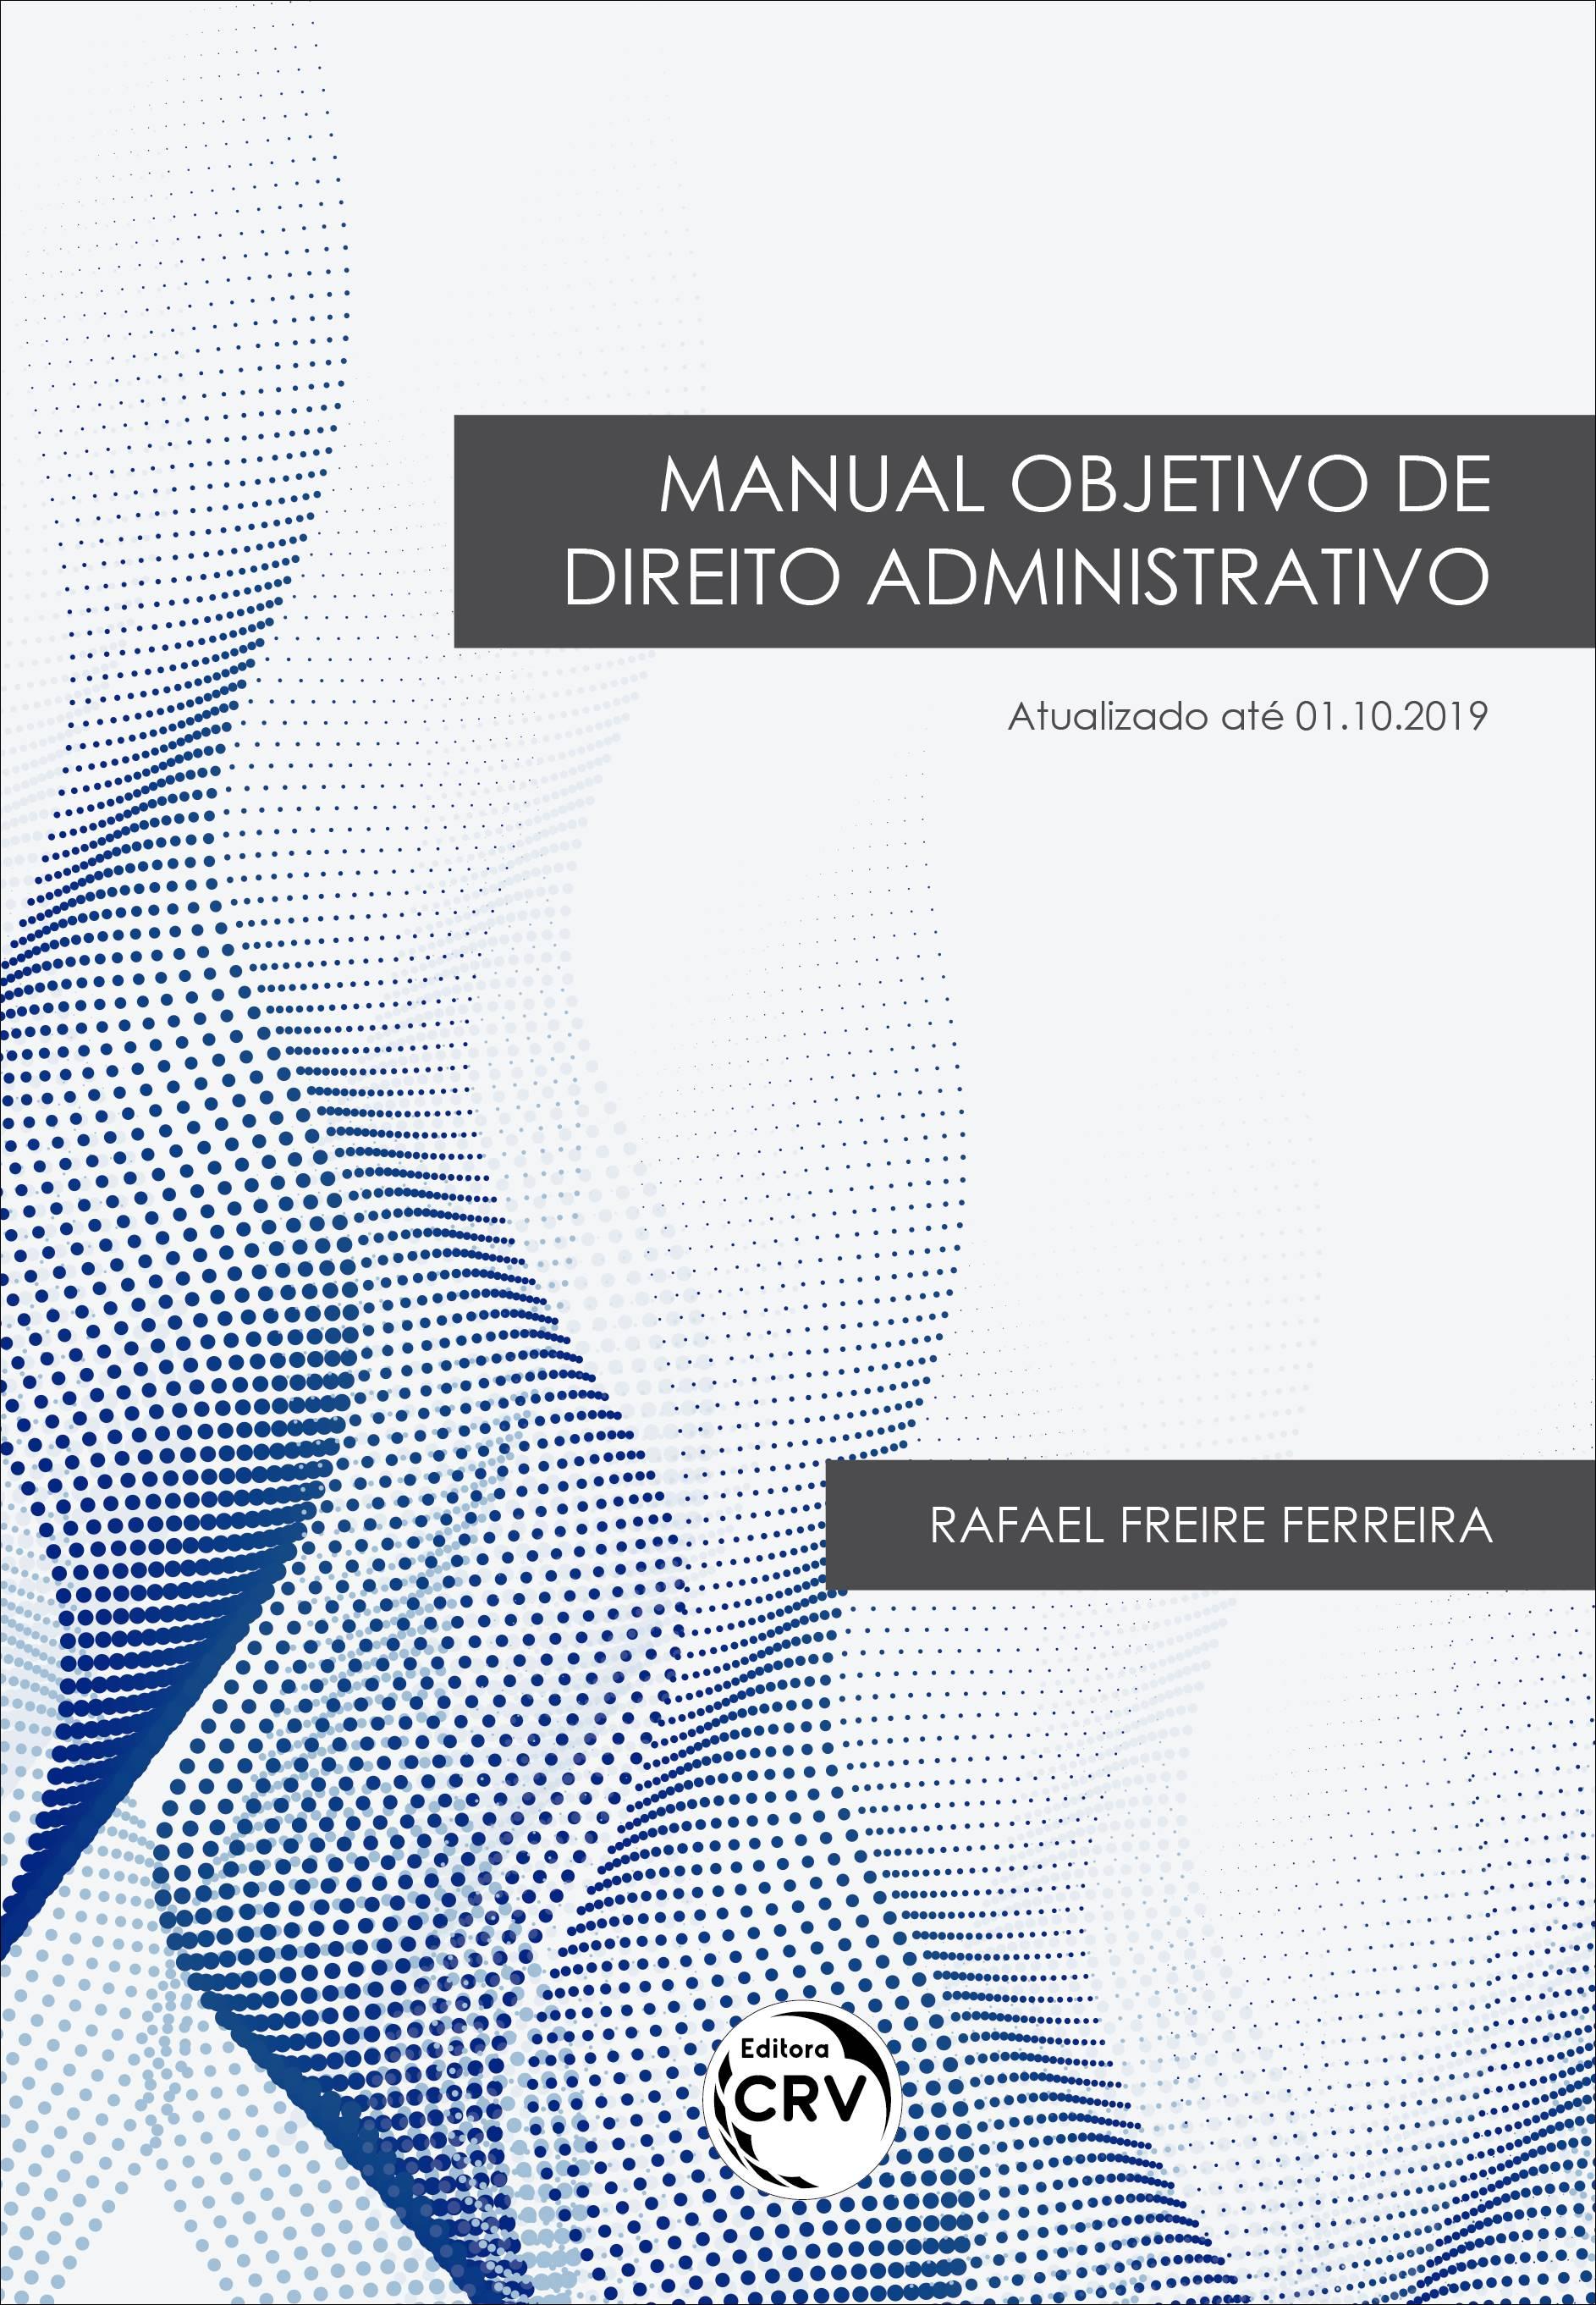 Capa do livro: MANUAL OBJETIVO DE DIREITO ADMINISTRATIVO <br>Atualizado até 01.10.2019